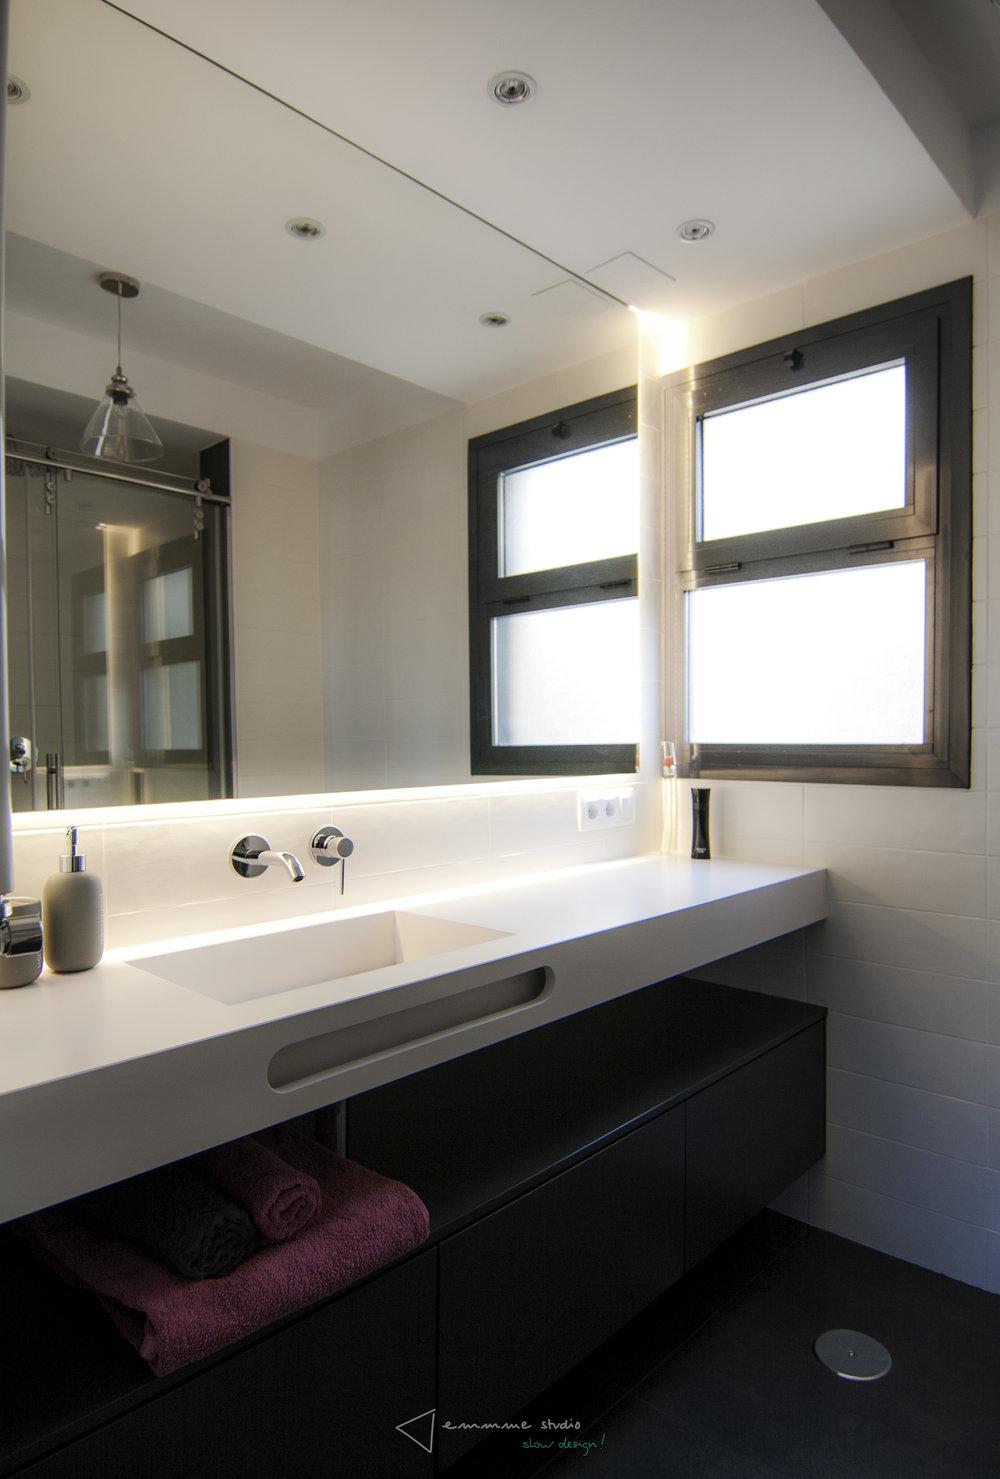 diseño reformas slow emmme studio - baño de Maria y Rober - 02 - CM.jpg